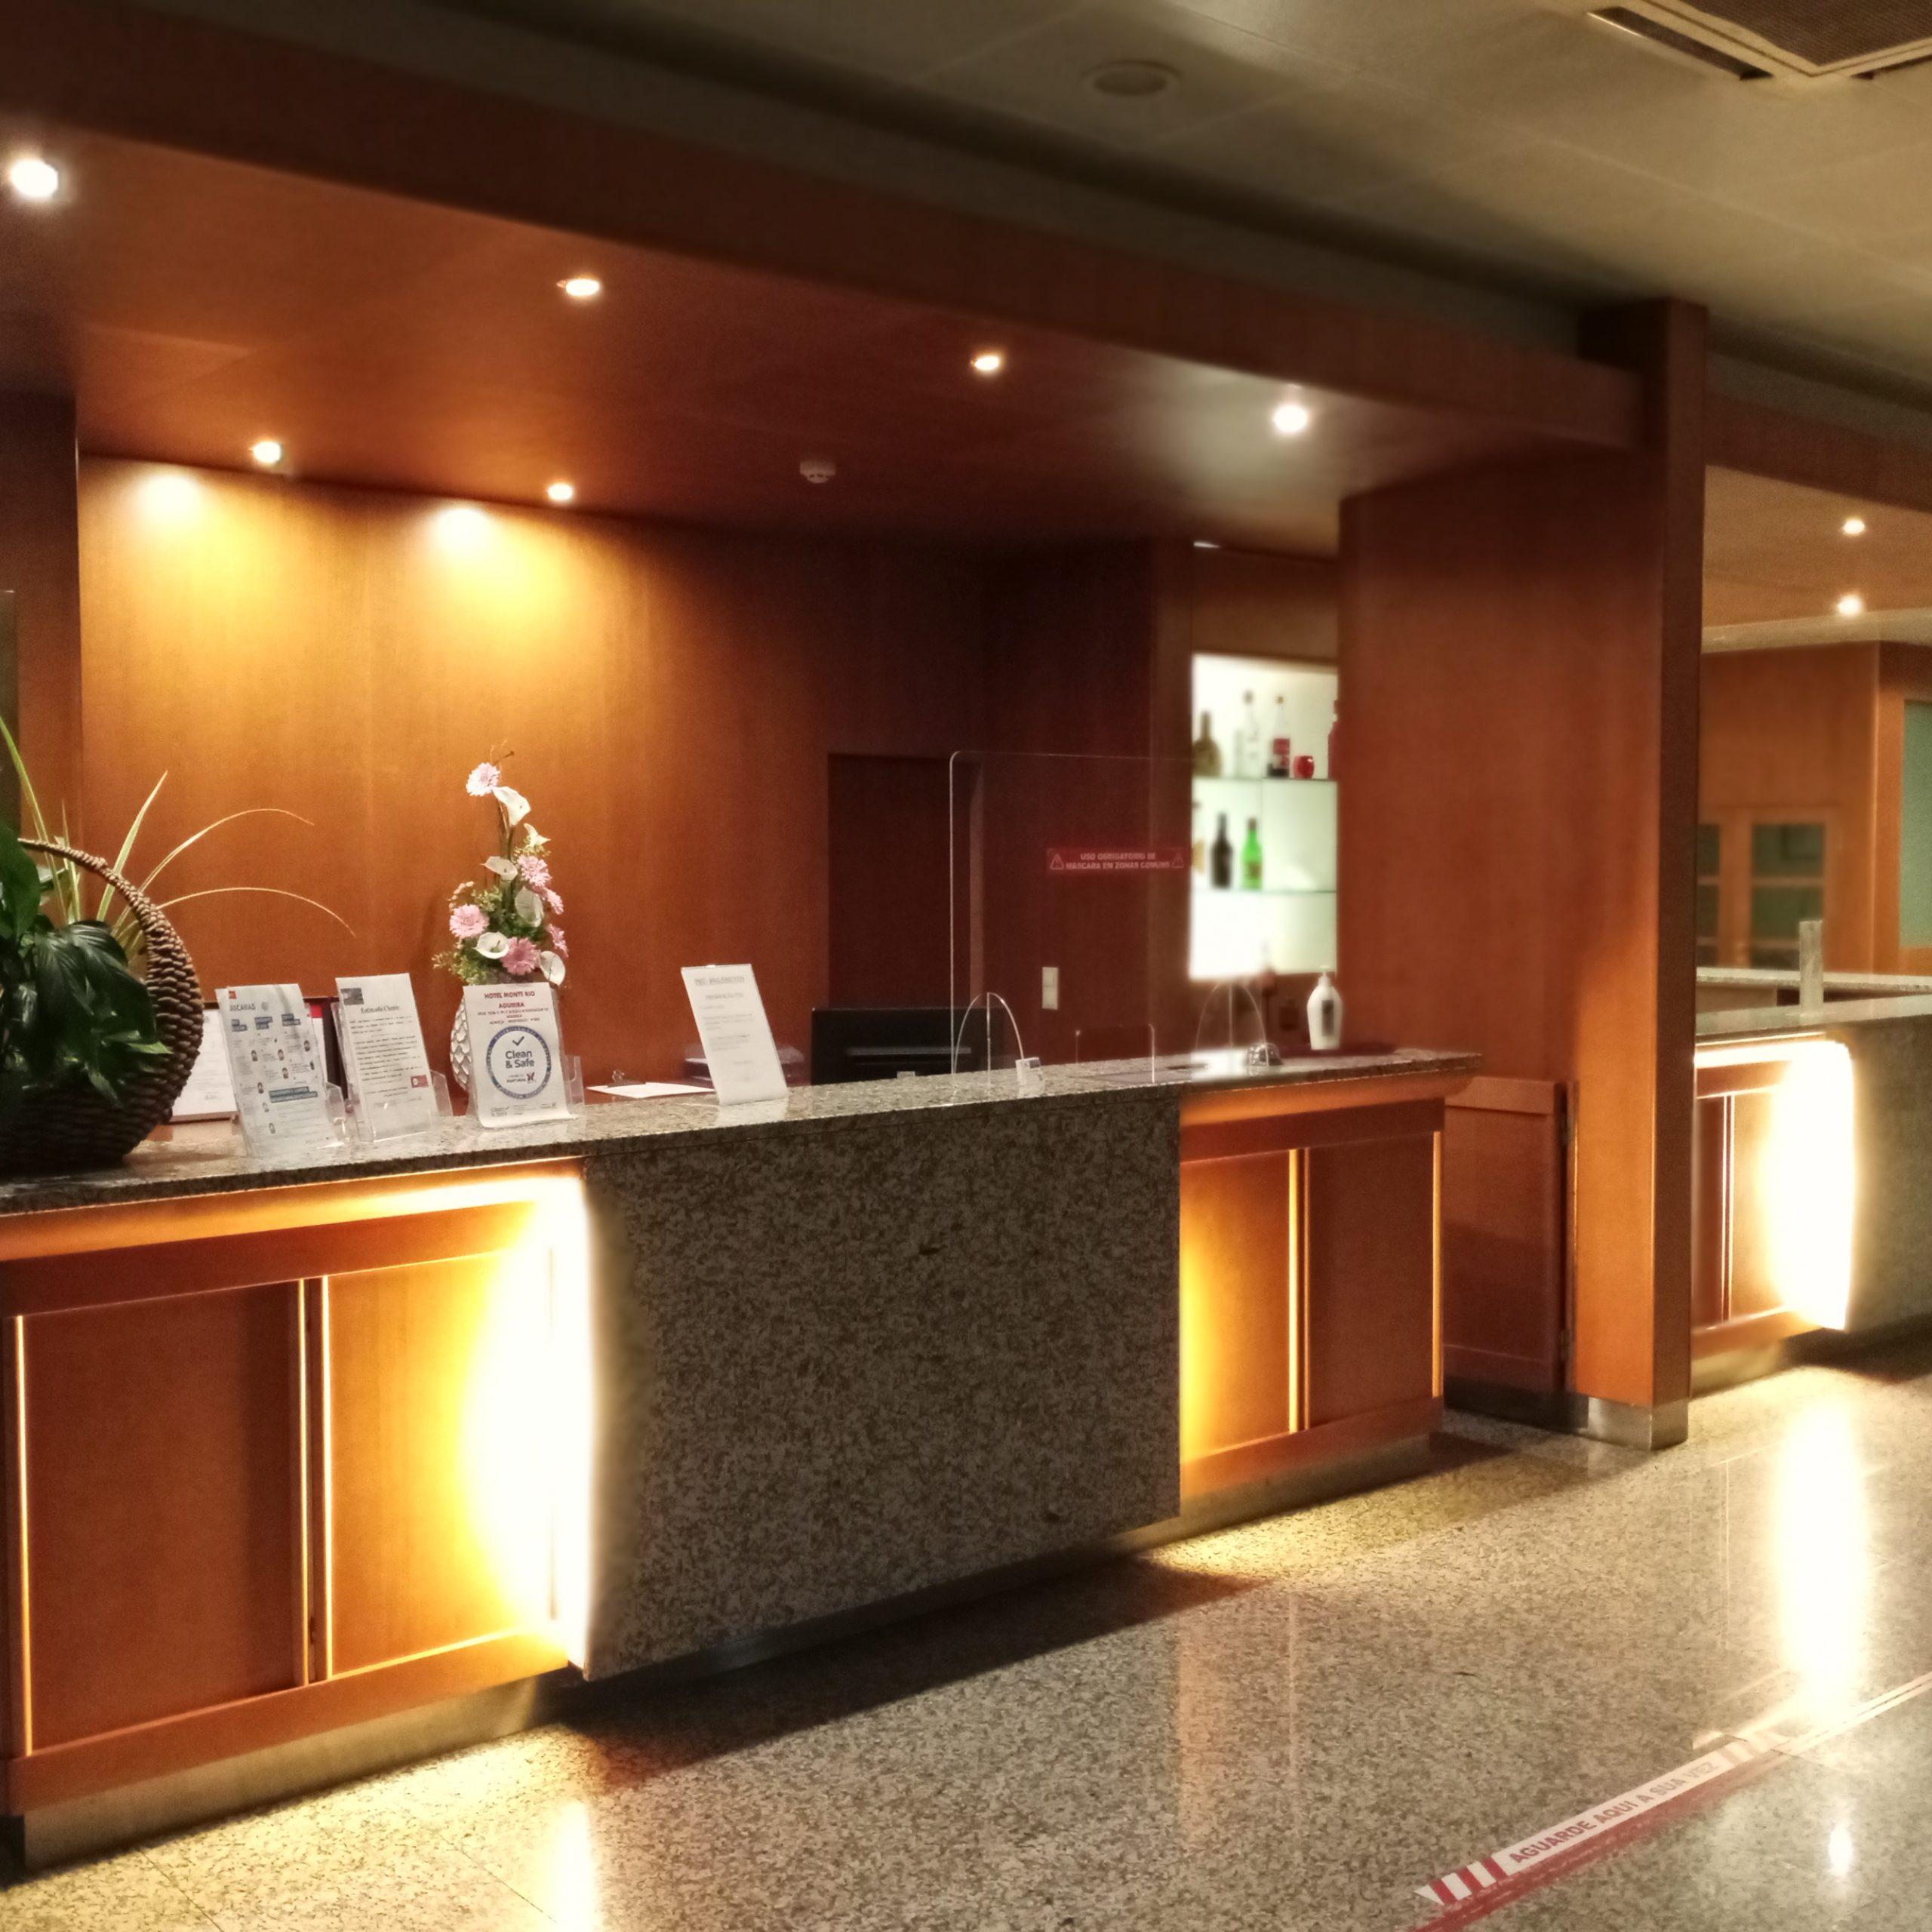 Reserve a sua estadia no Hotel Monte Rio Aguieira